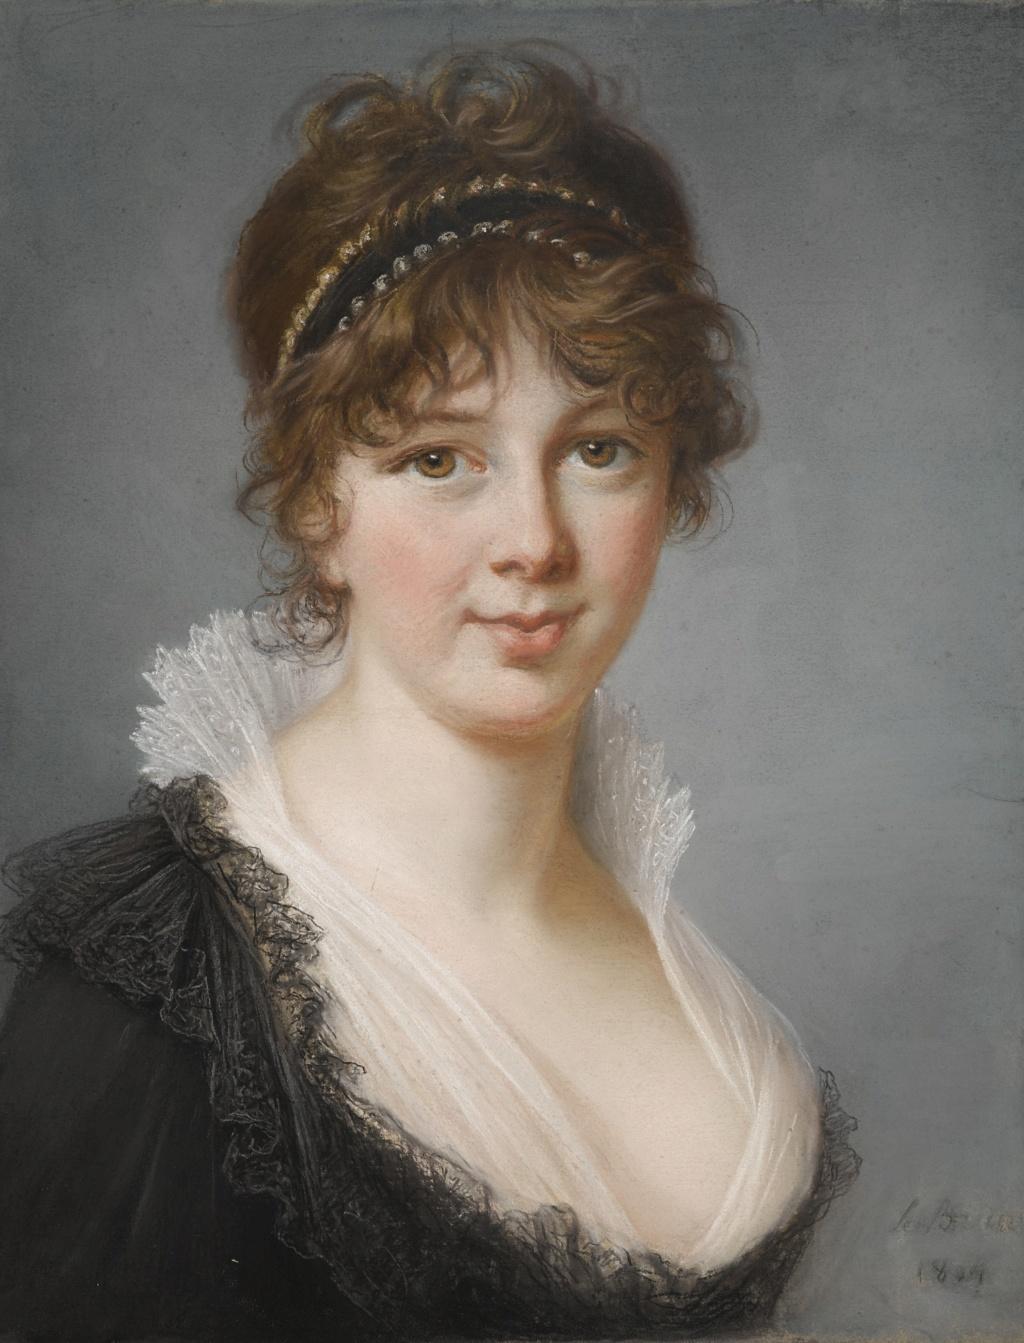 Galerie virtuelle des oeuvres de Mme Vigée Le Brun - Page 13 095n1010